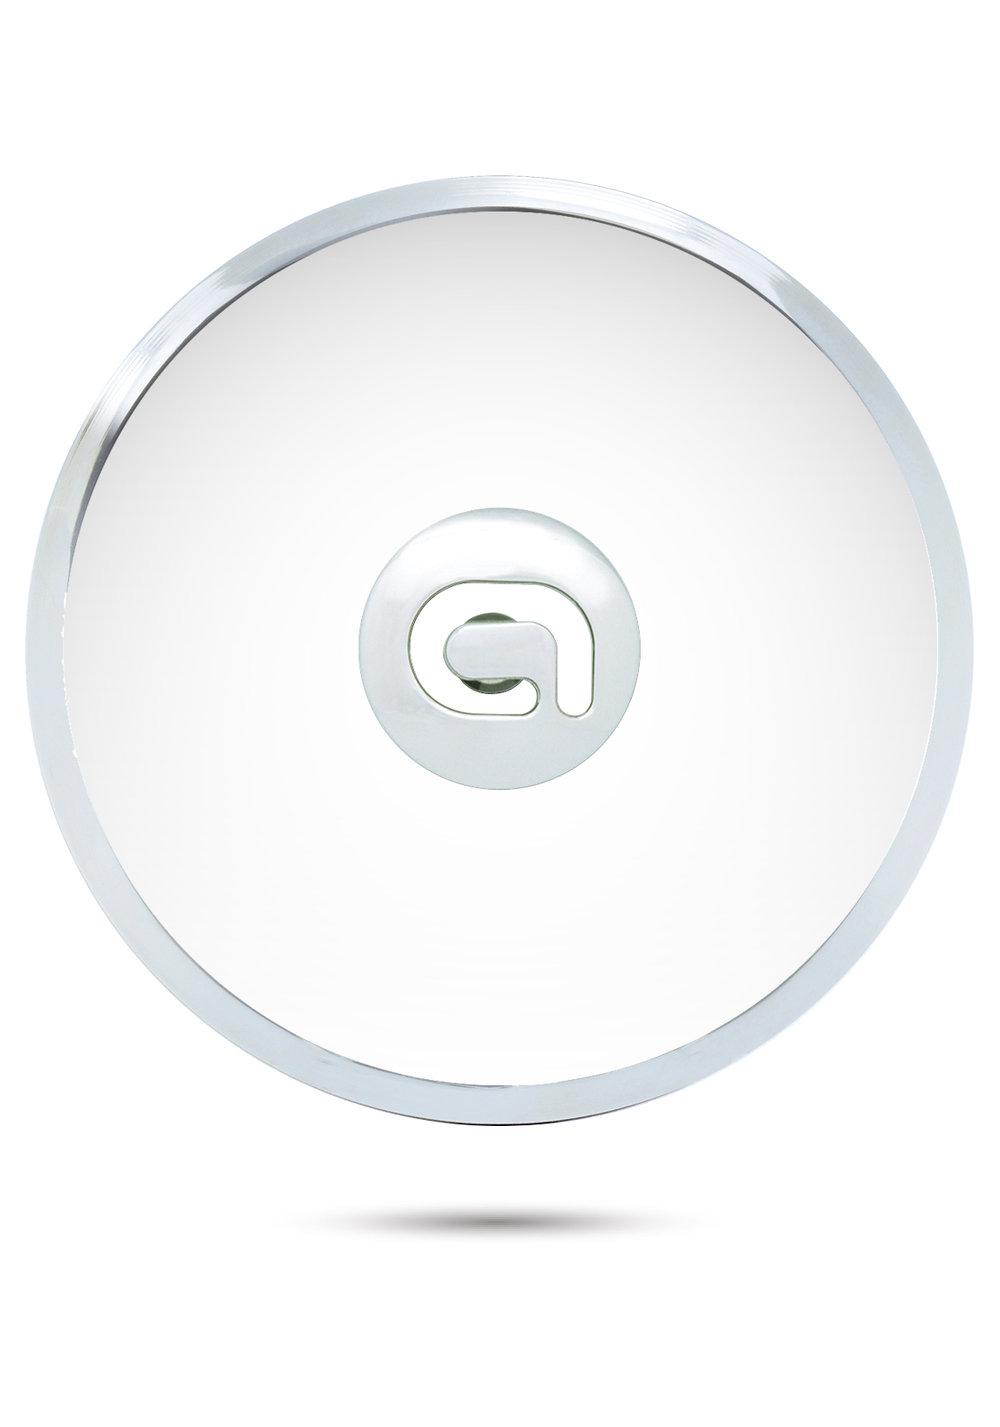 UP Classic - • Verre trempé de qualité supérieure100016 UP 16 CM - 100018 UP 18 CM - 100020 - UP 20 CM100024 UP 24 CM - 100026 26 CM - 100028 28 CM - 100030 30 CM